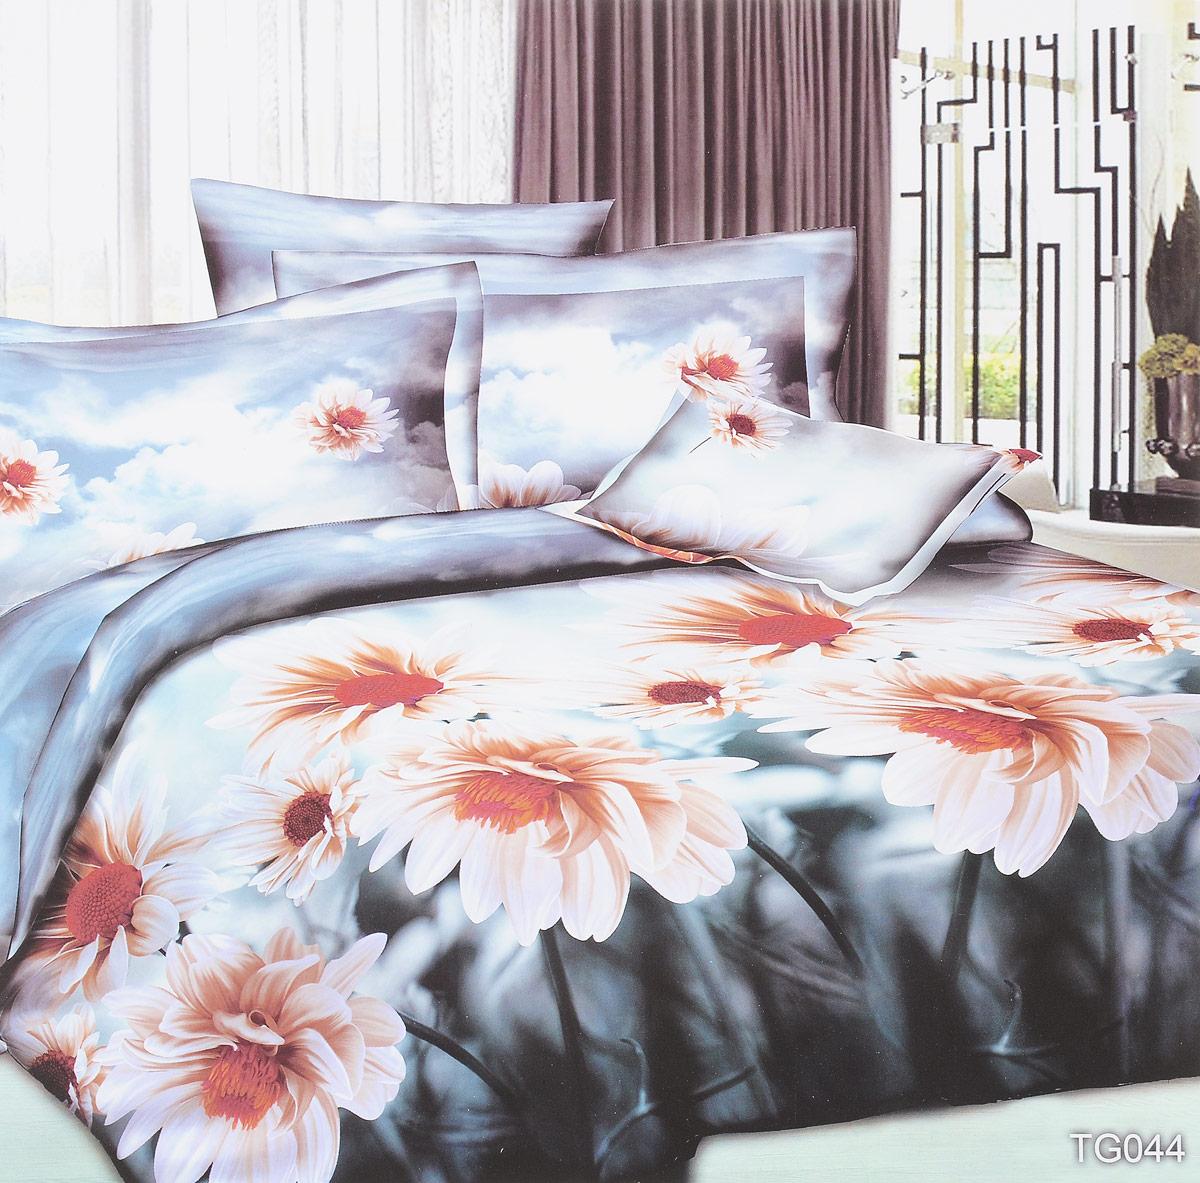 Комплект белья ЭГО Адель, 2-спальный, наволочки 70 x 70, цвет: серый